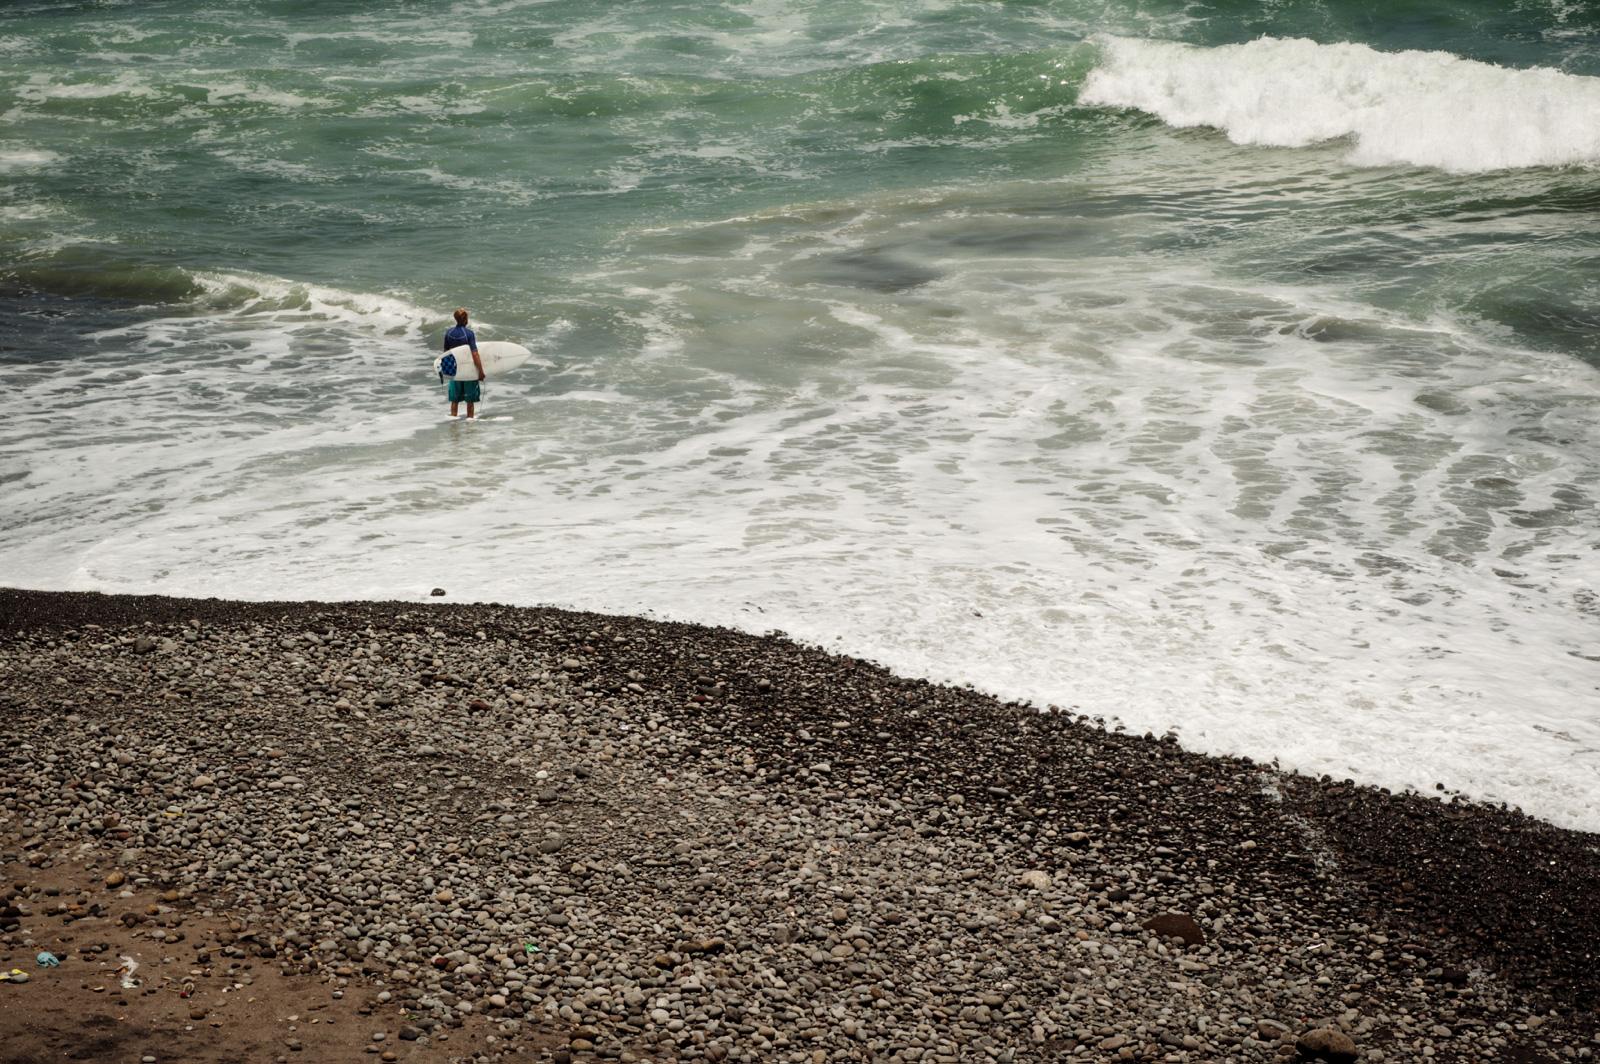 surfer-balian